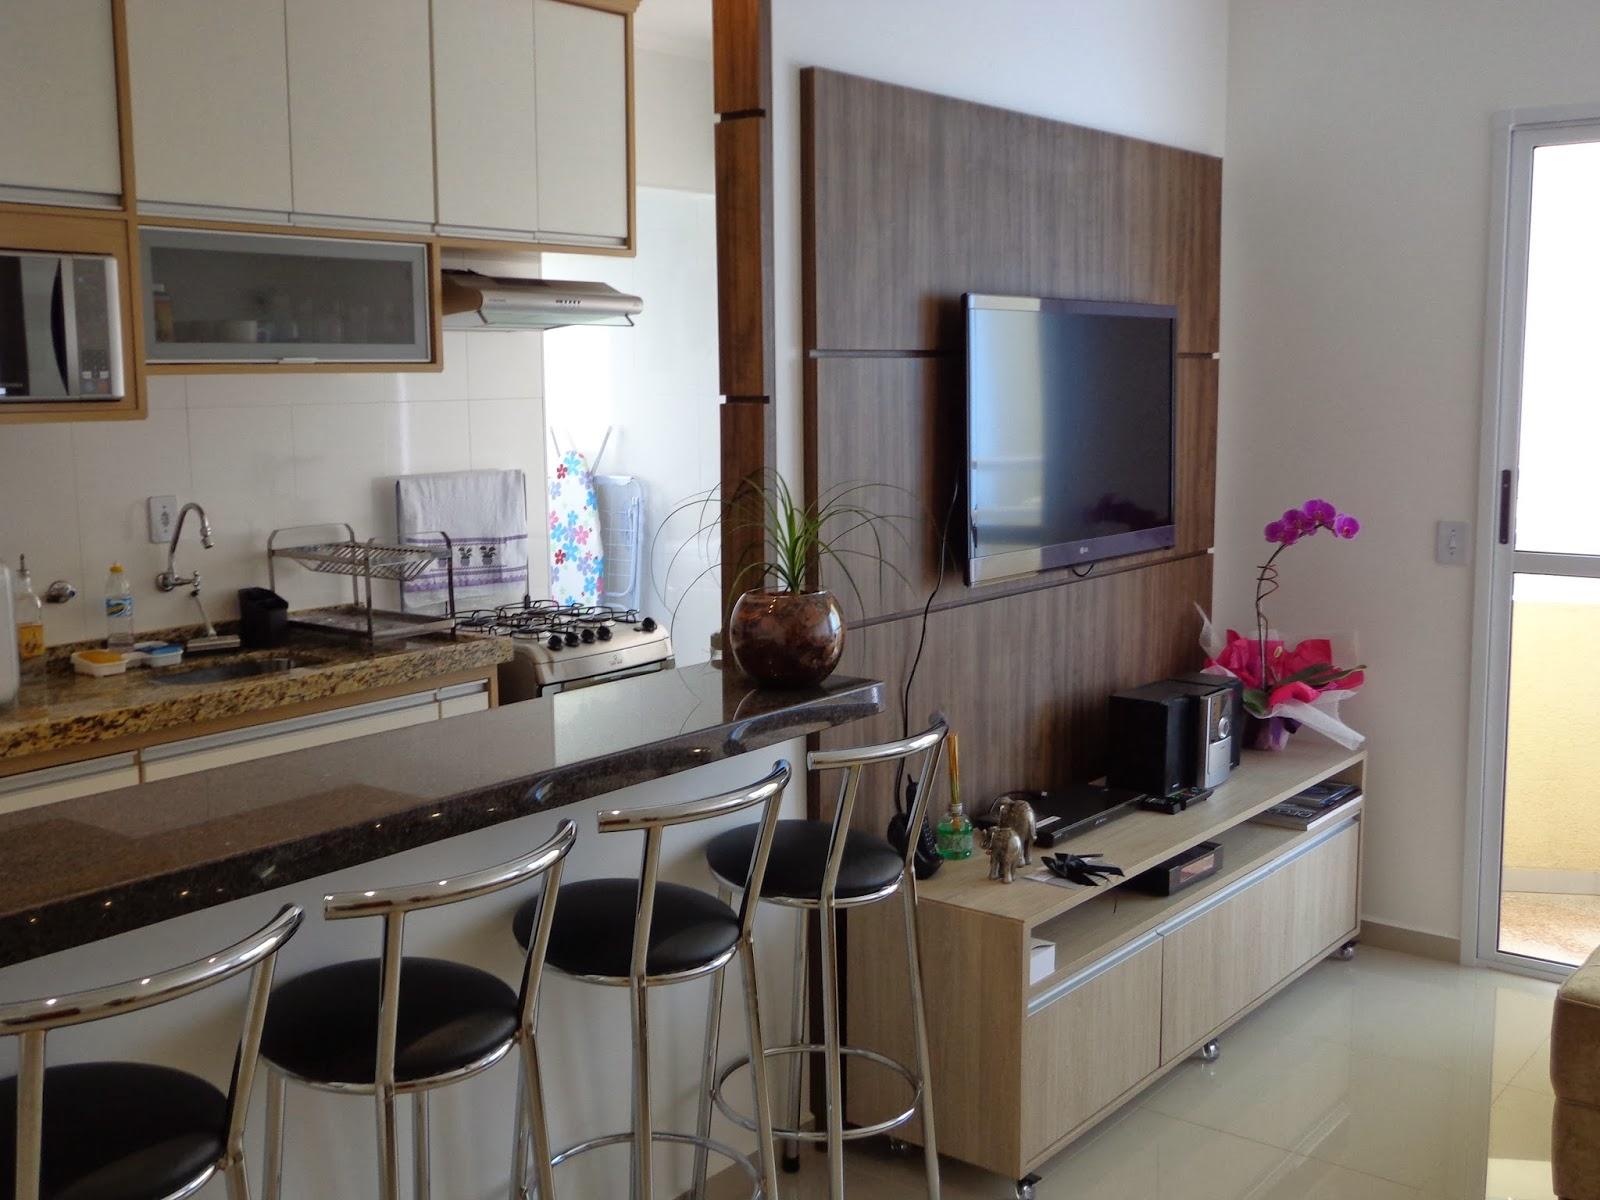 #466785 Marcenaria Moveis Sob Medida 1600x1200 px A Cozinha Mais Recente Projeta Fotos_836 Imagens